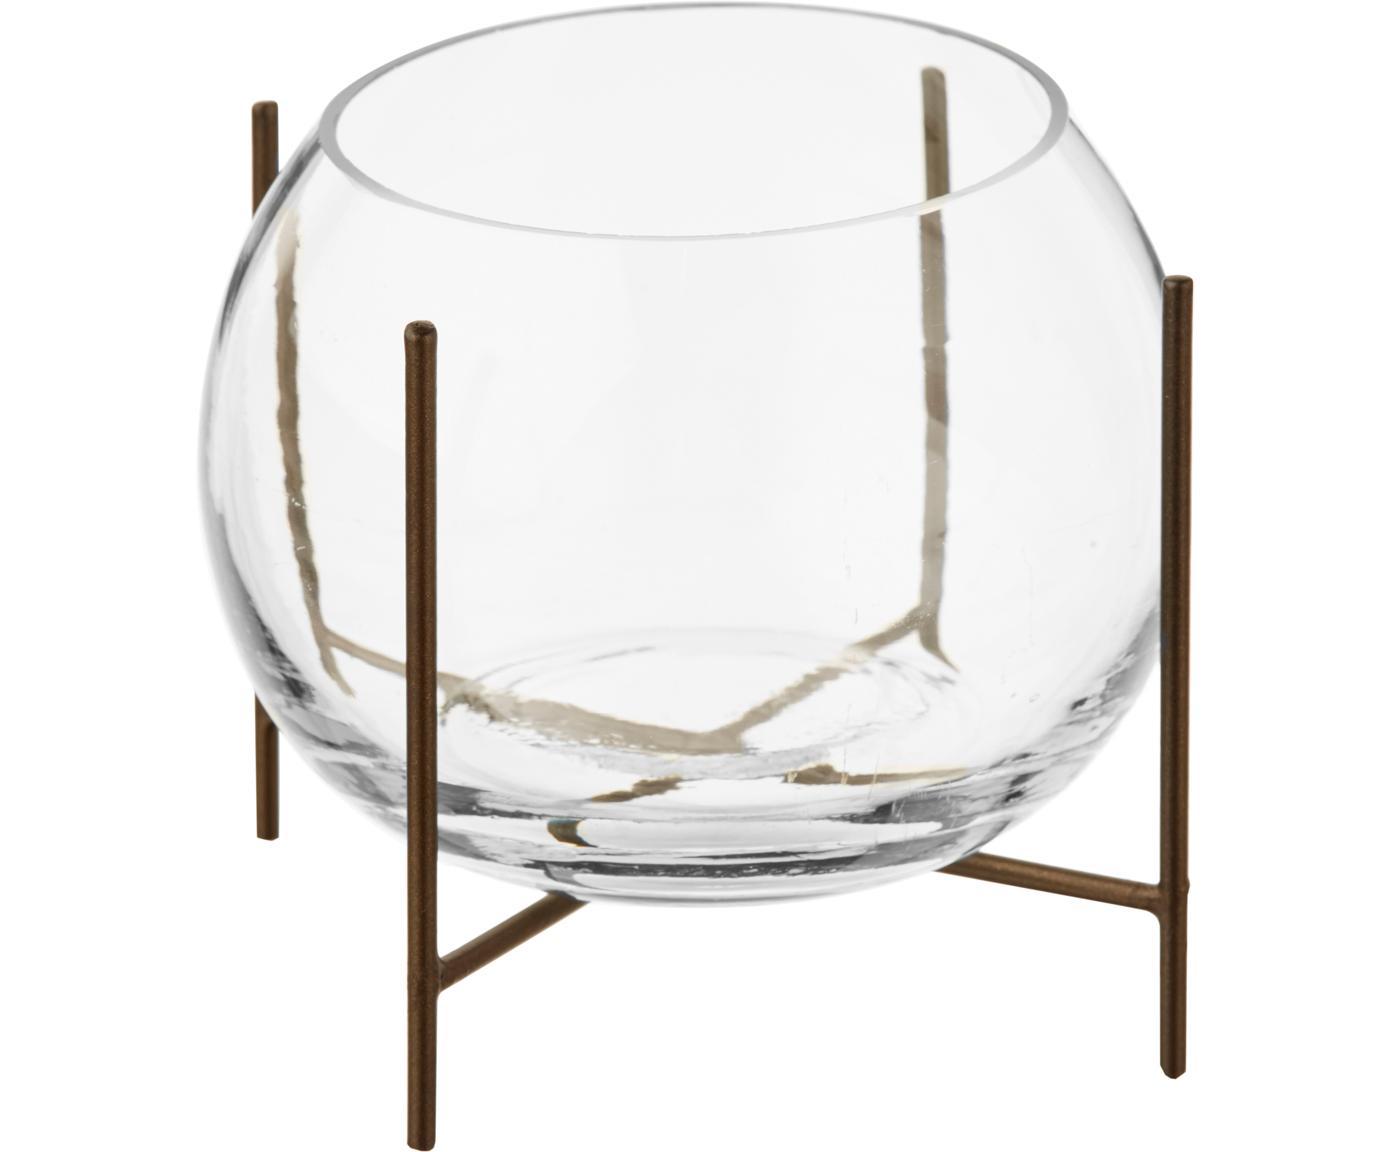 Vaso a sfera con struttura in metallo Ada, Struttura: metallo rivestito, Vaso: vetro, Ottonato trasparente, Ø 8 x Alt. 11 cm